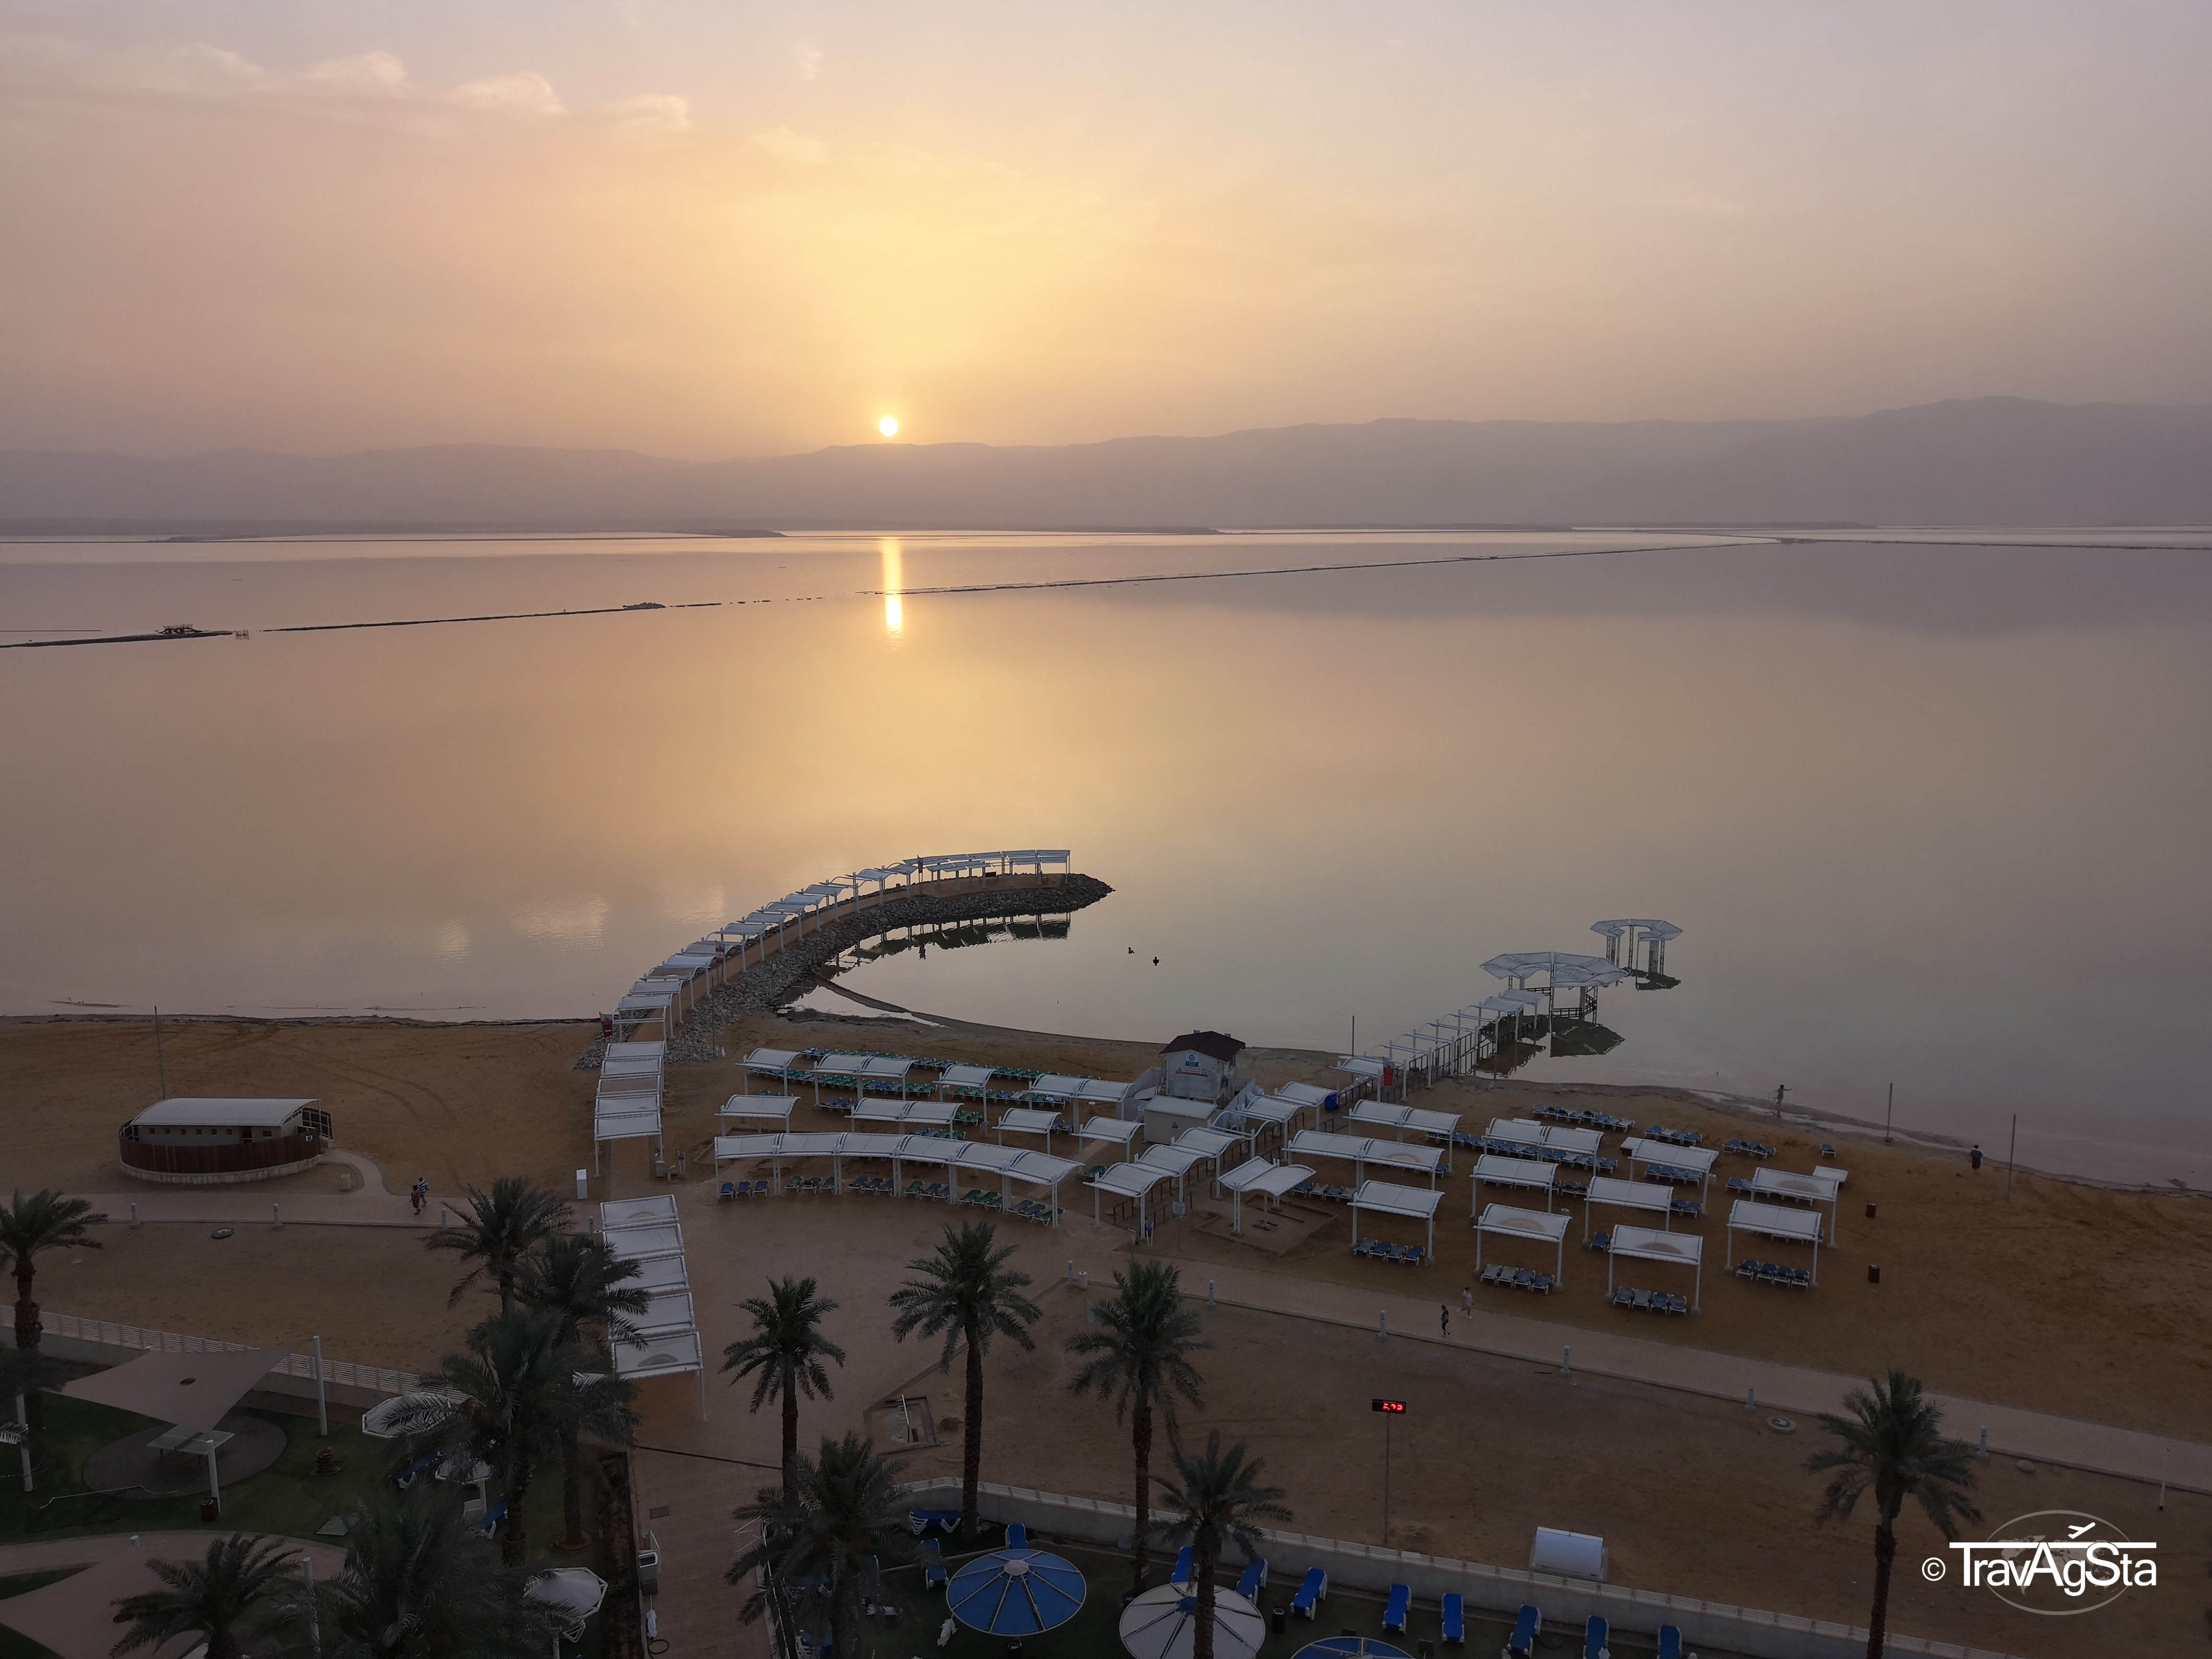 Israel: The Dead Sea and Masada!